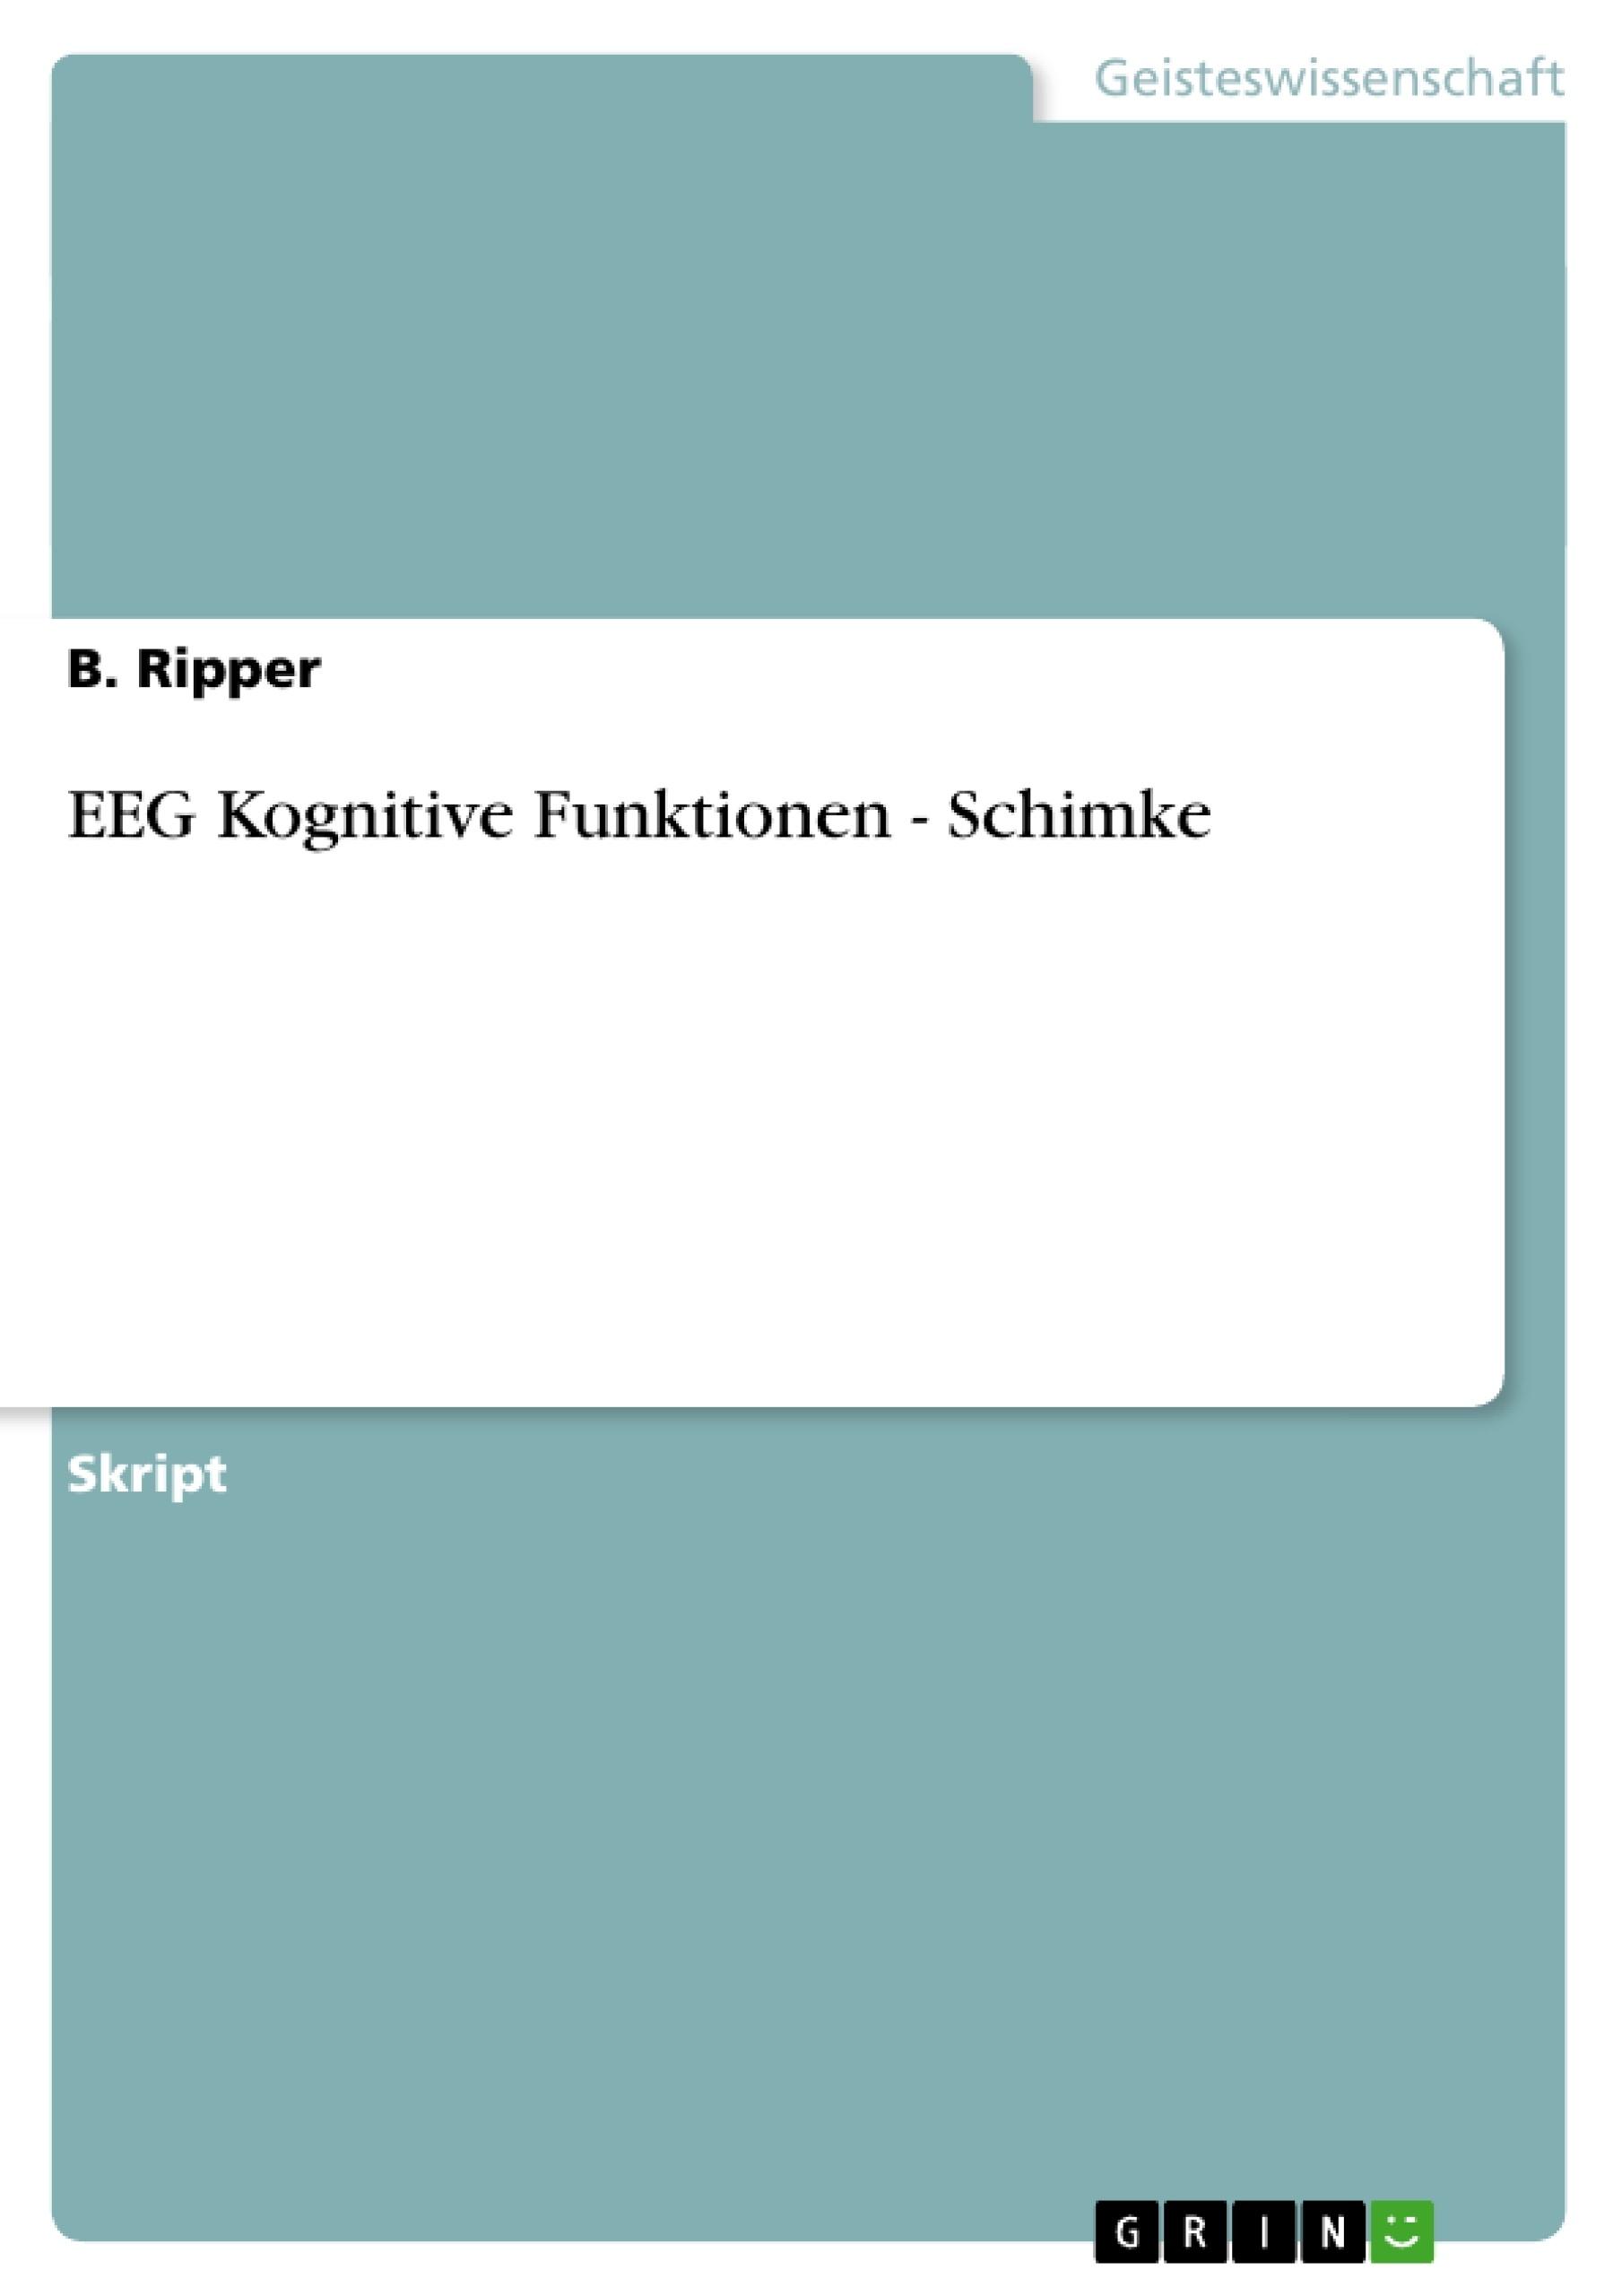 Titel: EEG Kognitive Funktionen - Schimke